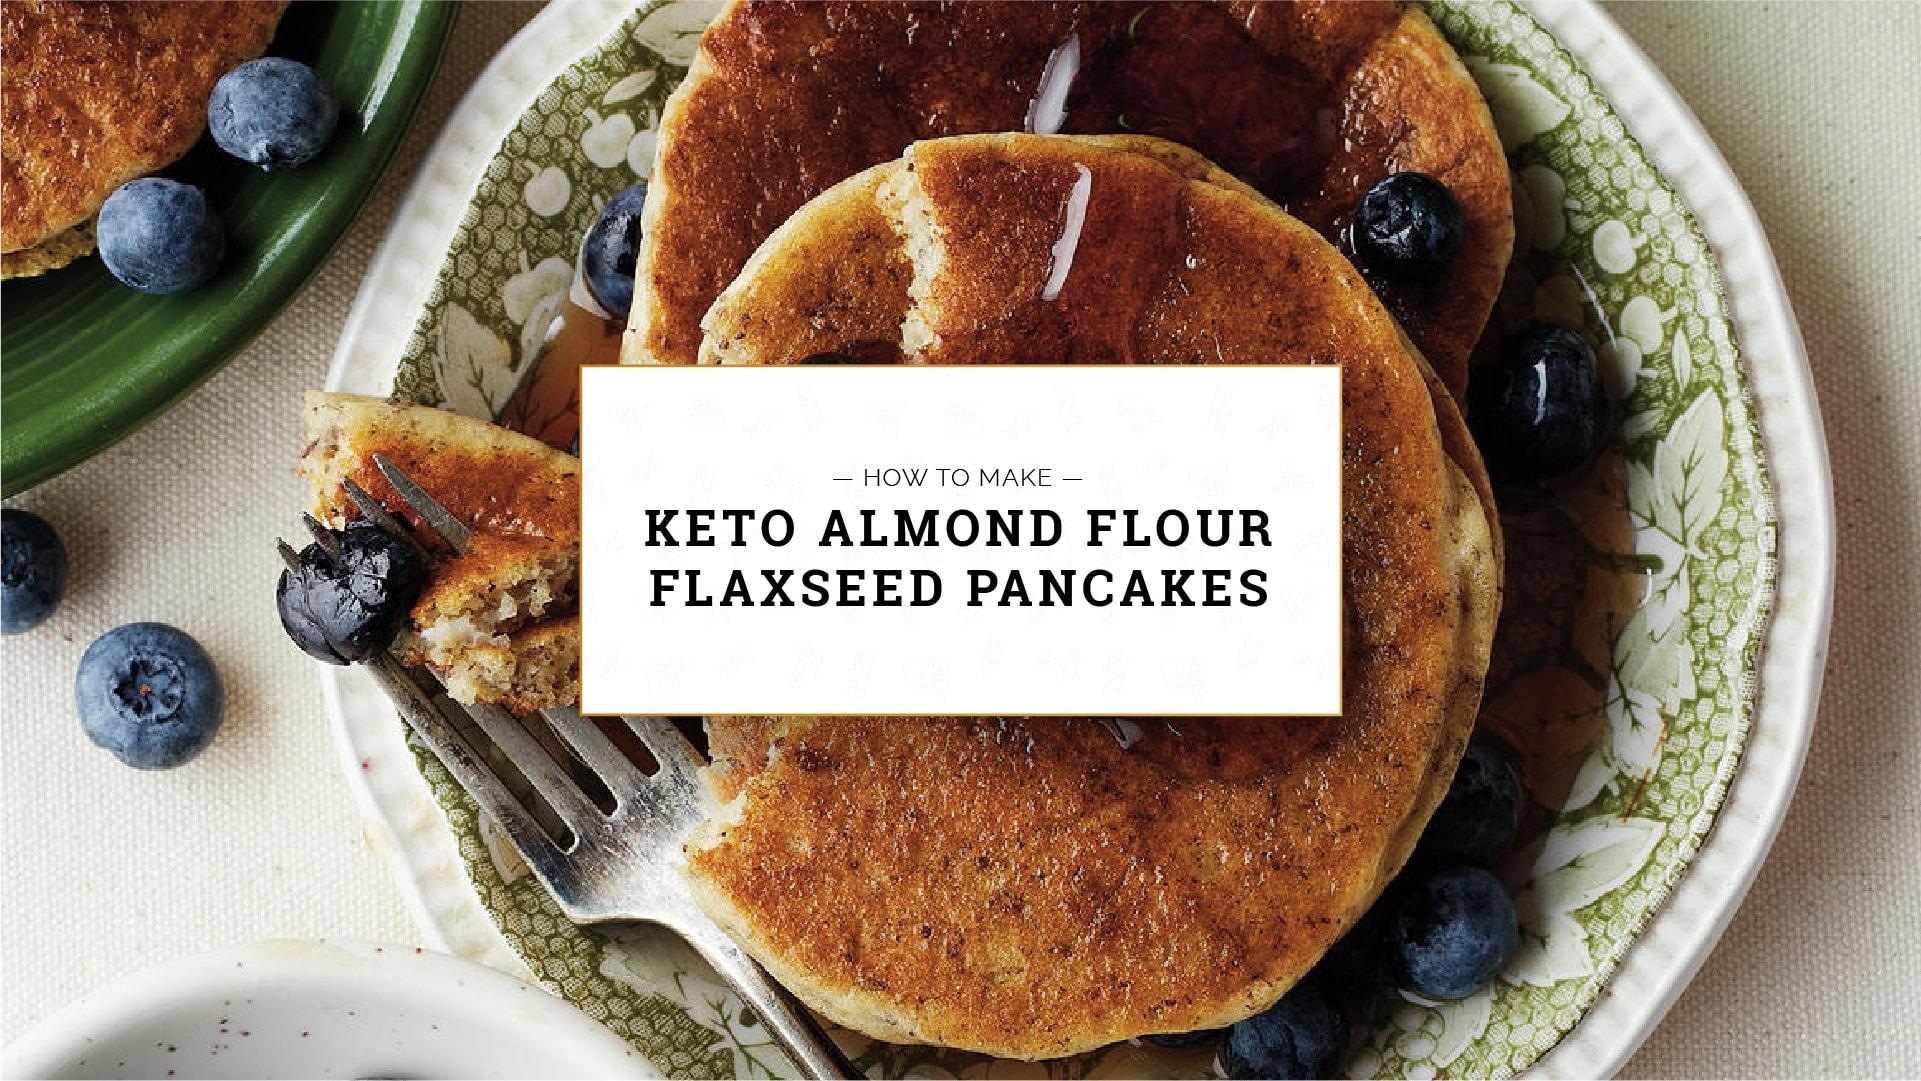 Keto Almond Flour Flaxseed Pancakes